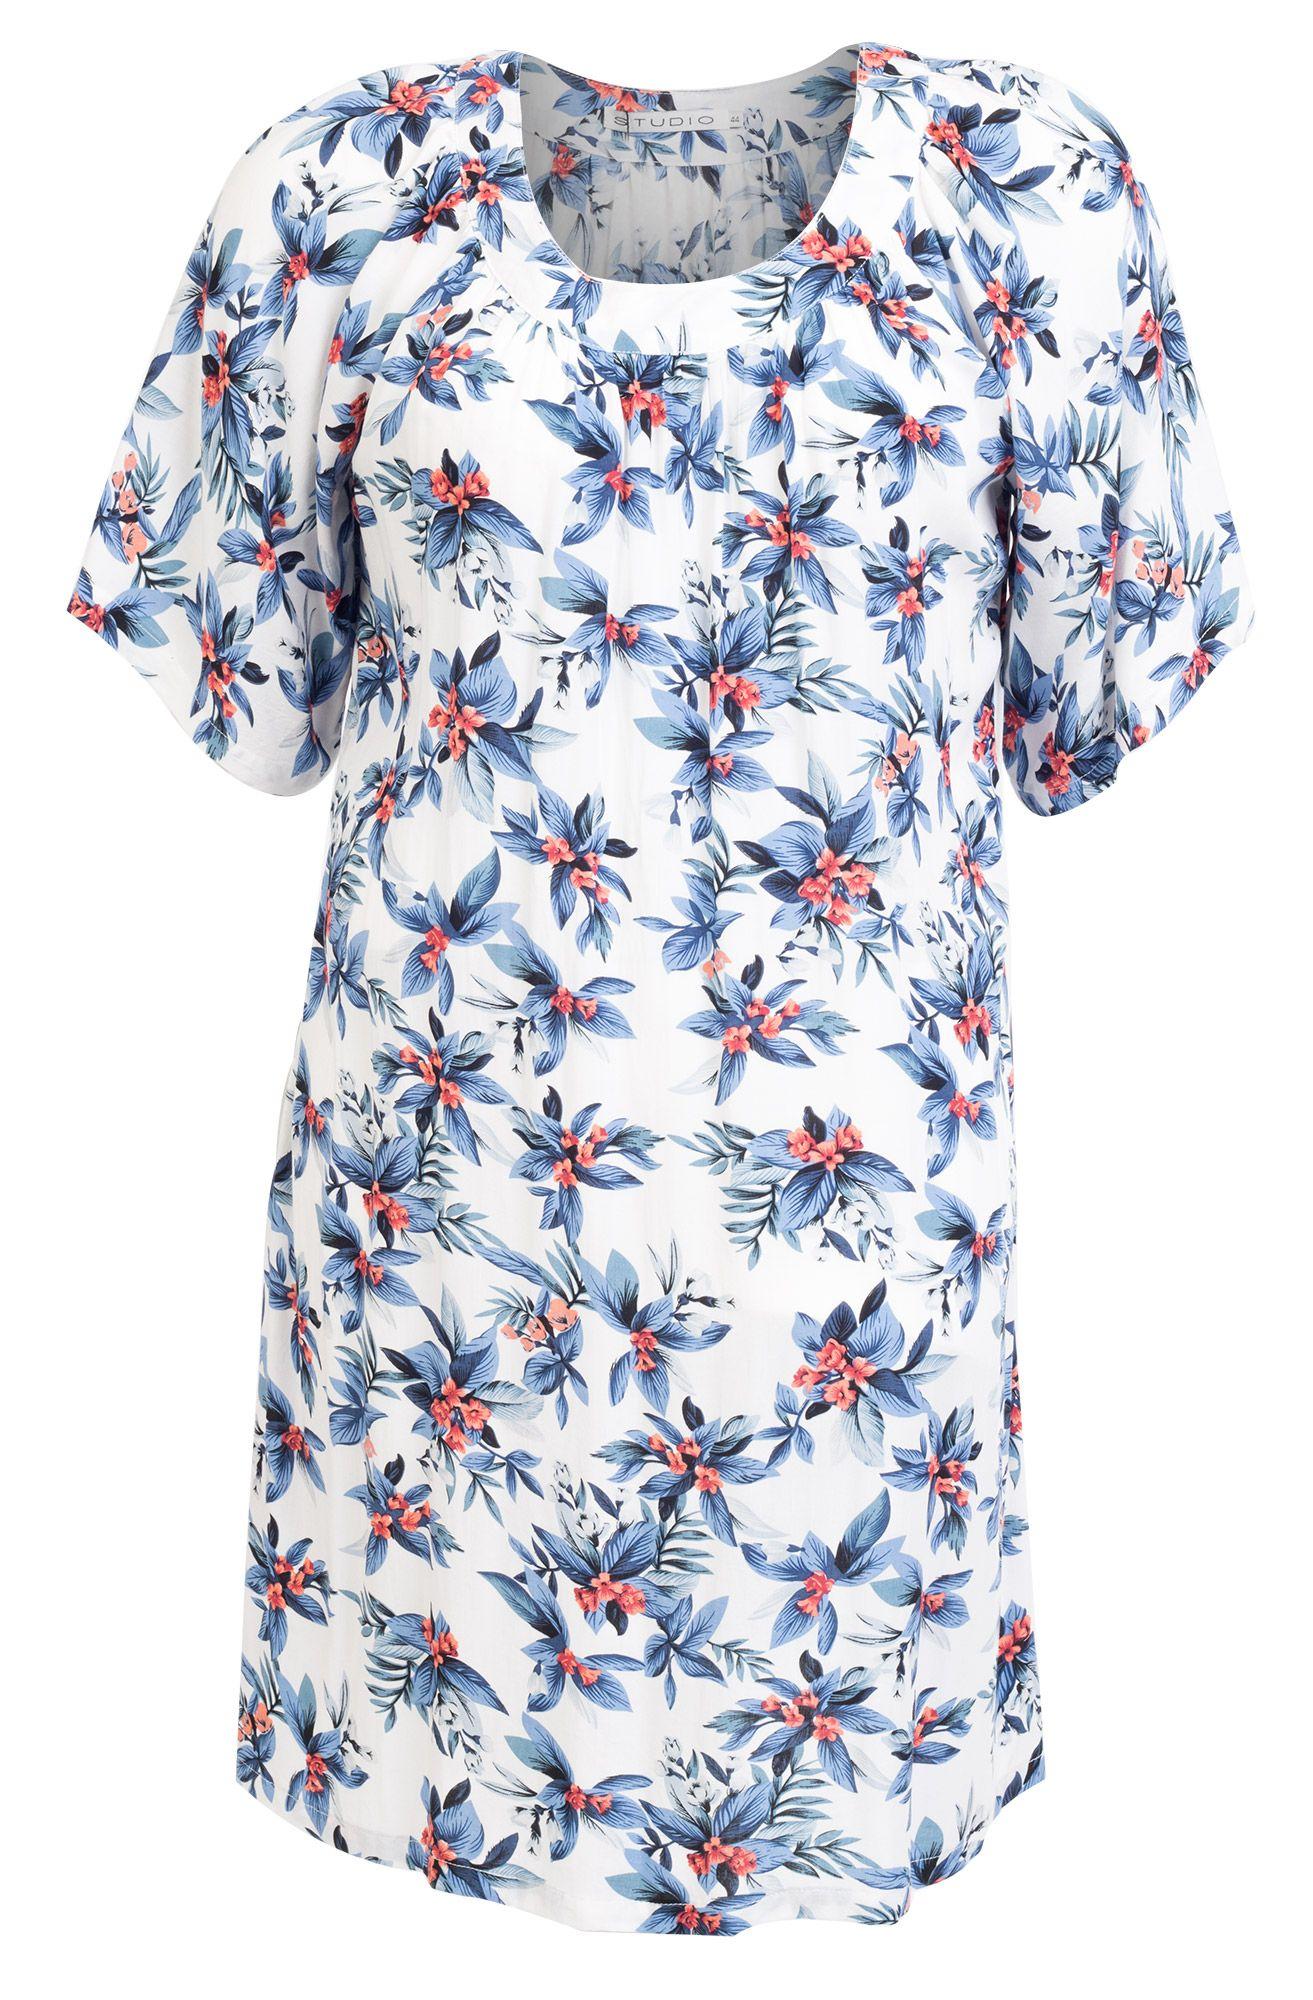 6751da91 Cool Dejlig viskose kjole med et flot blomster mønster Studio Modetøj til  Damer til enhver anledning